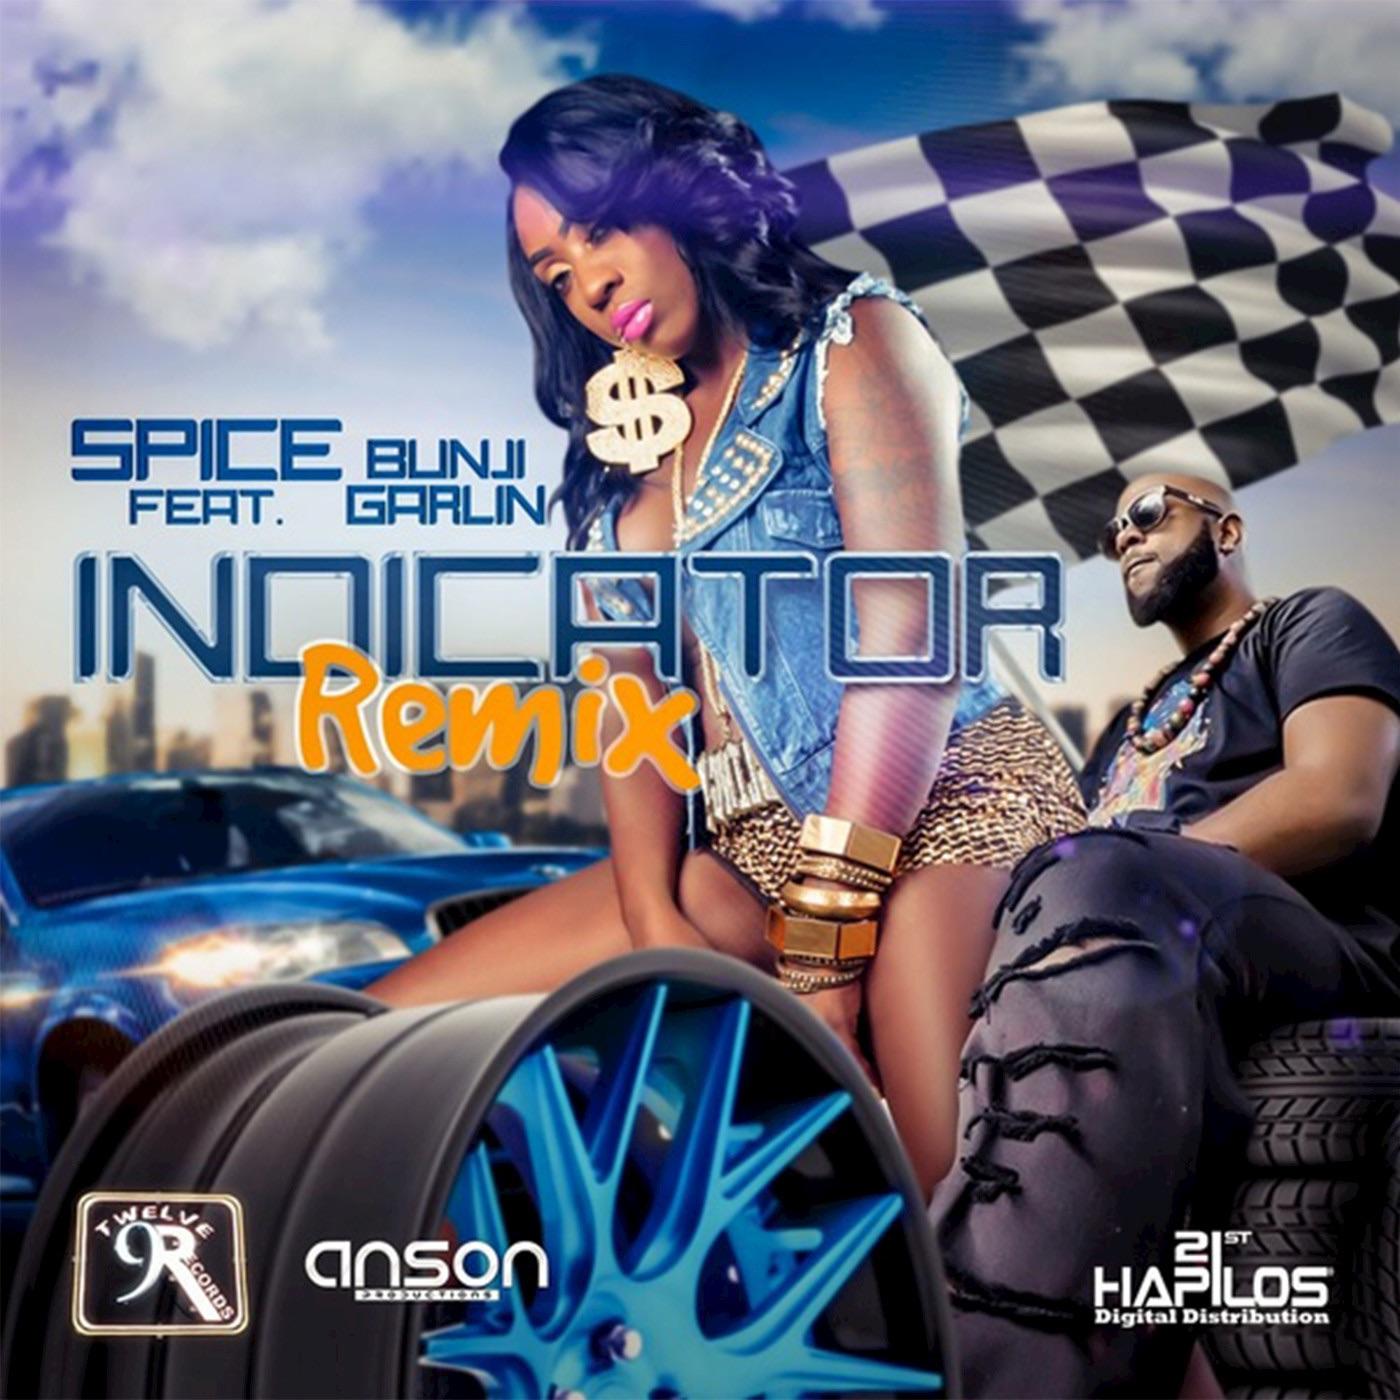 Indicator (Soca Remix) [feat. Bunji Garlin] - Single